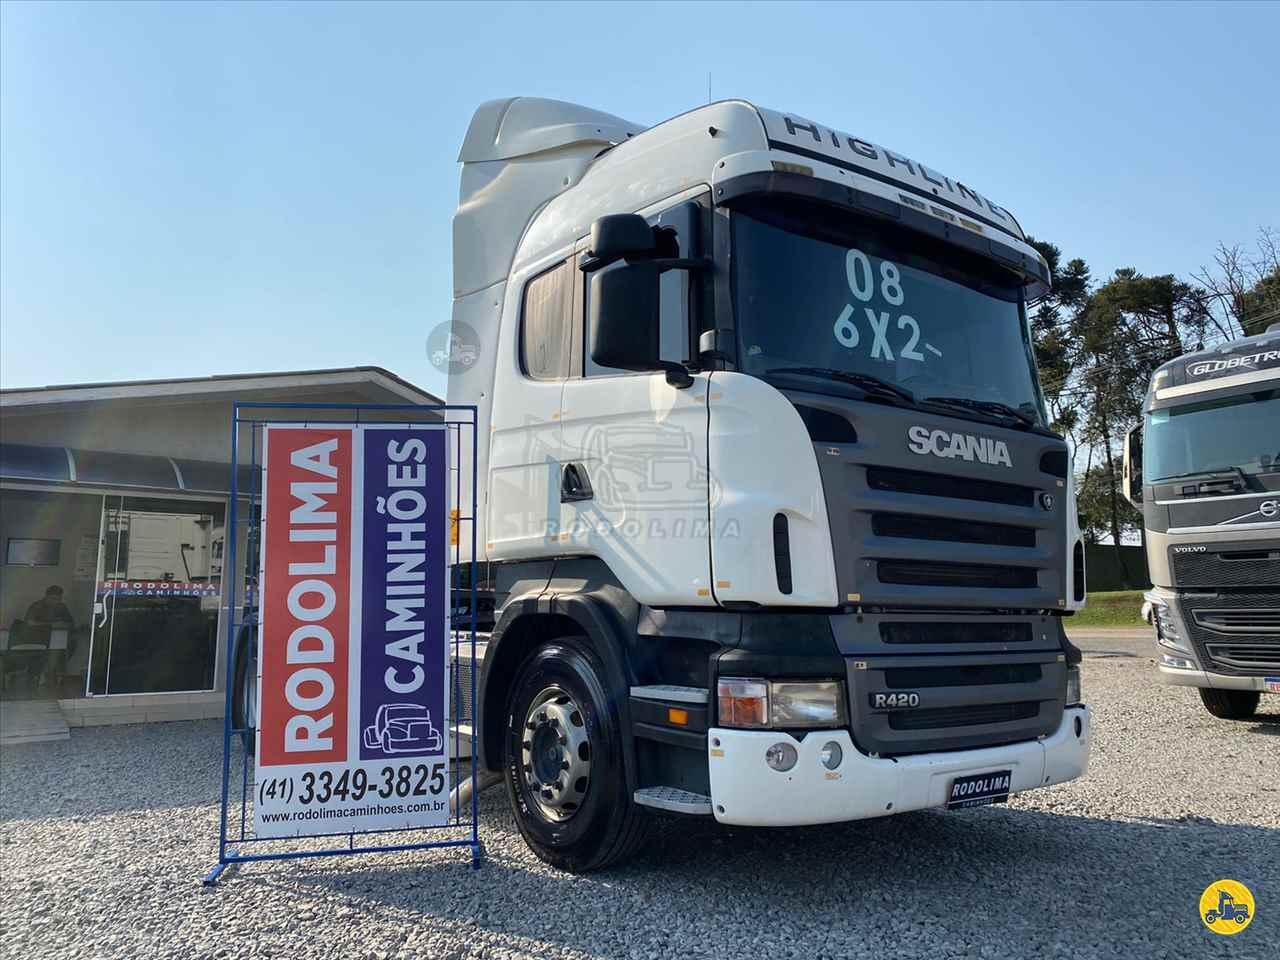 CAMINHAO SCANIA SCANIA 420 Cavalo Mecânico Truck 6x2 Rodolima Caminhões CURITIBA PARANÁ PR